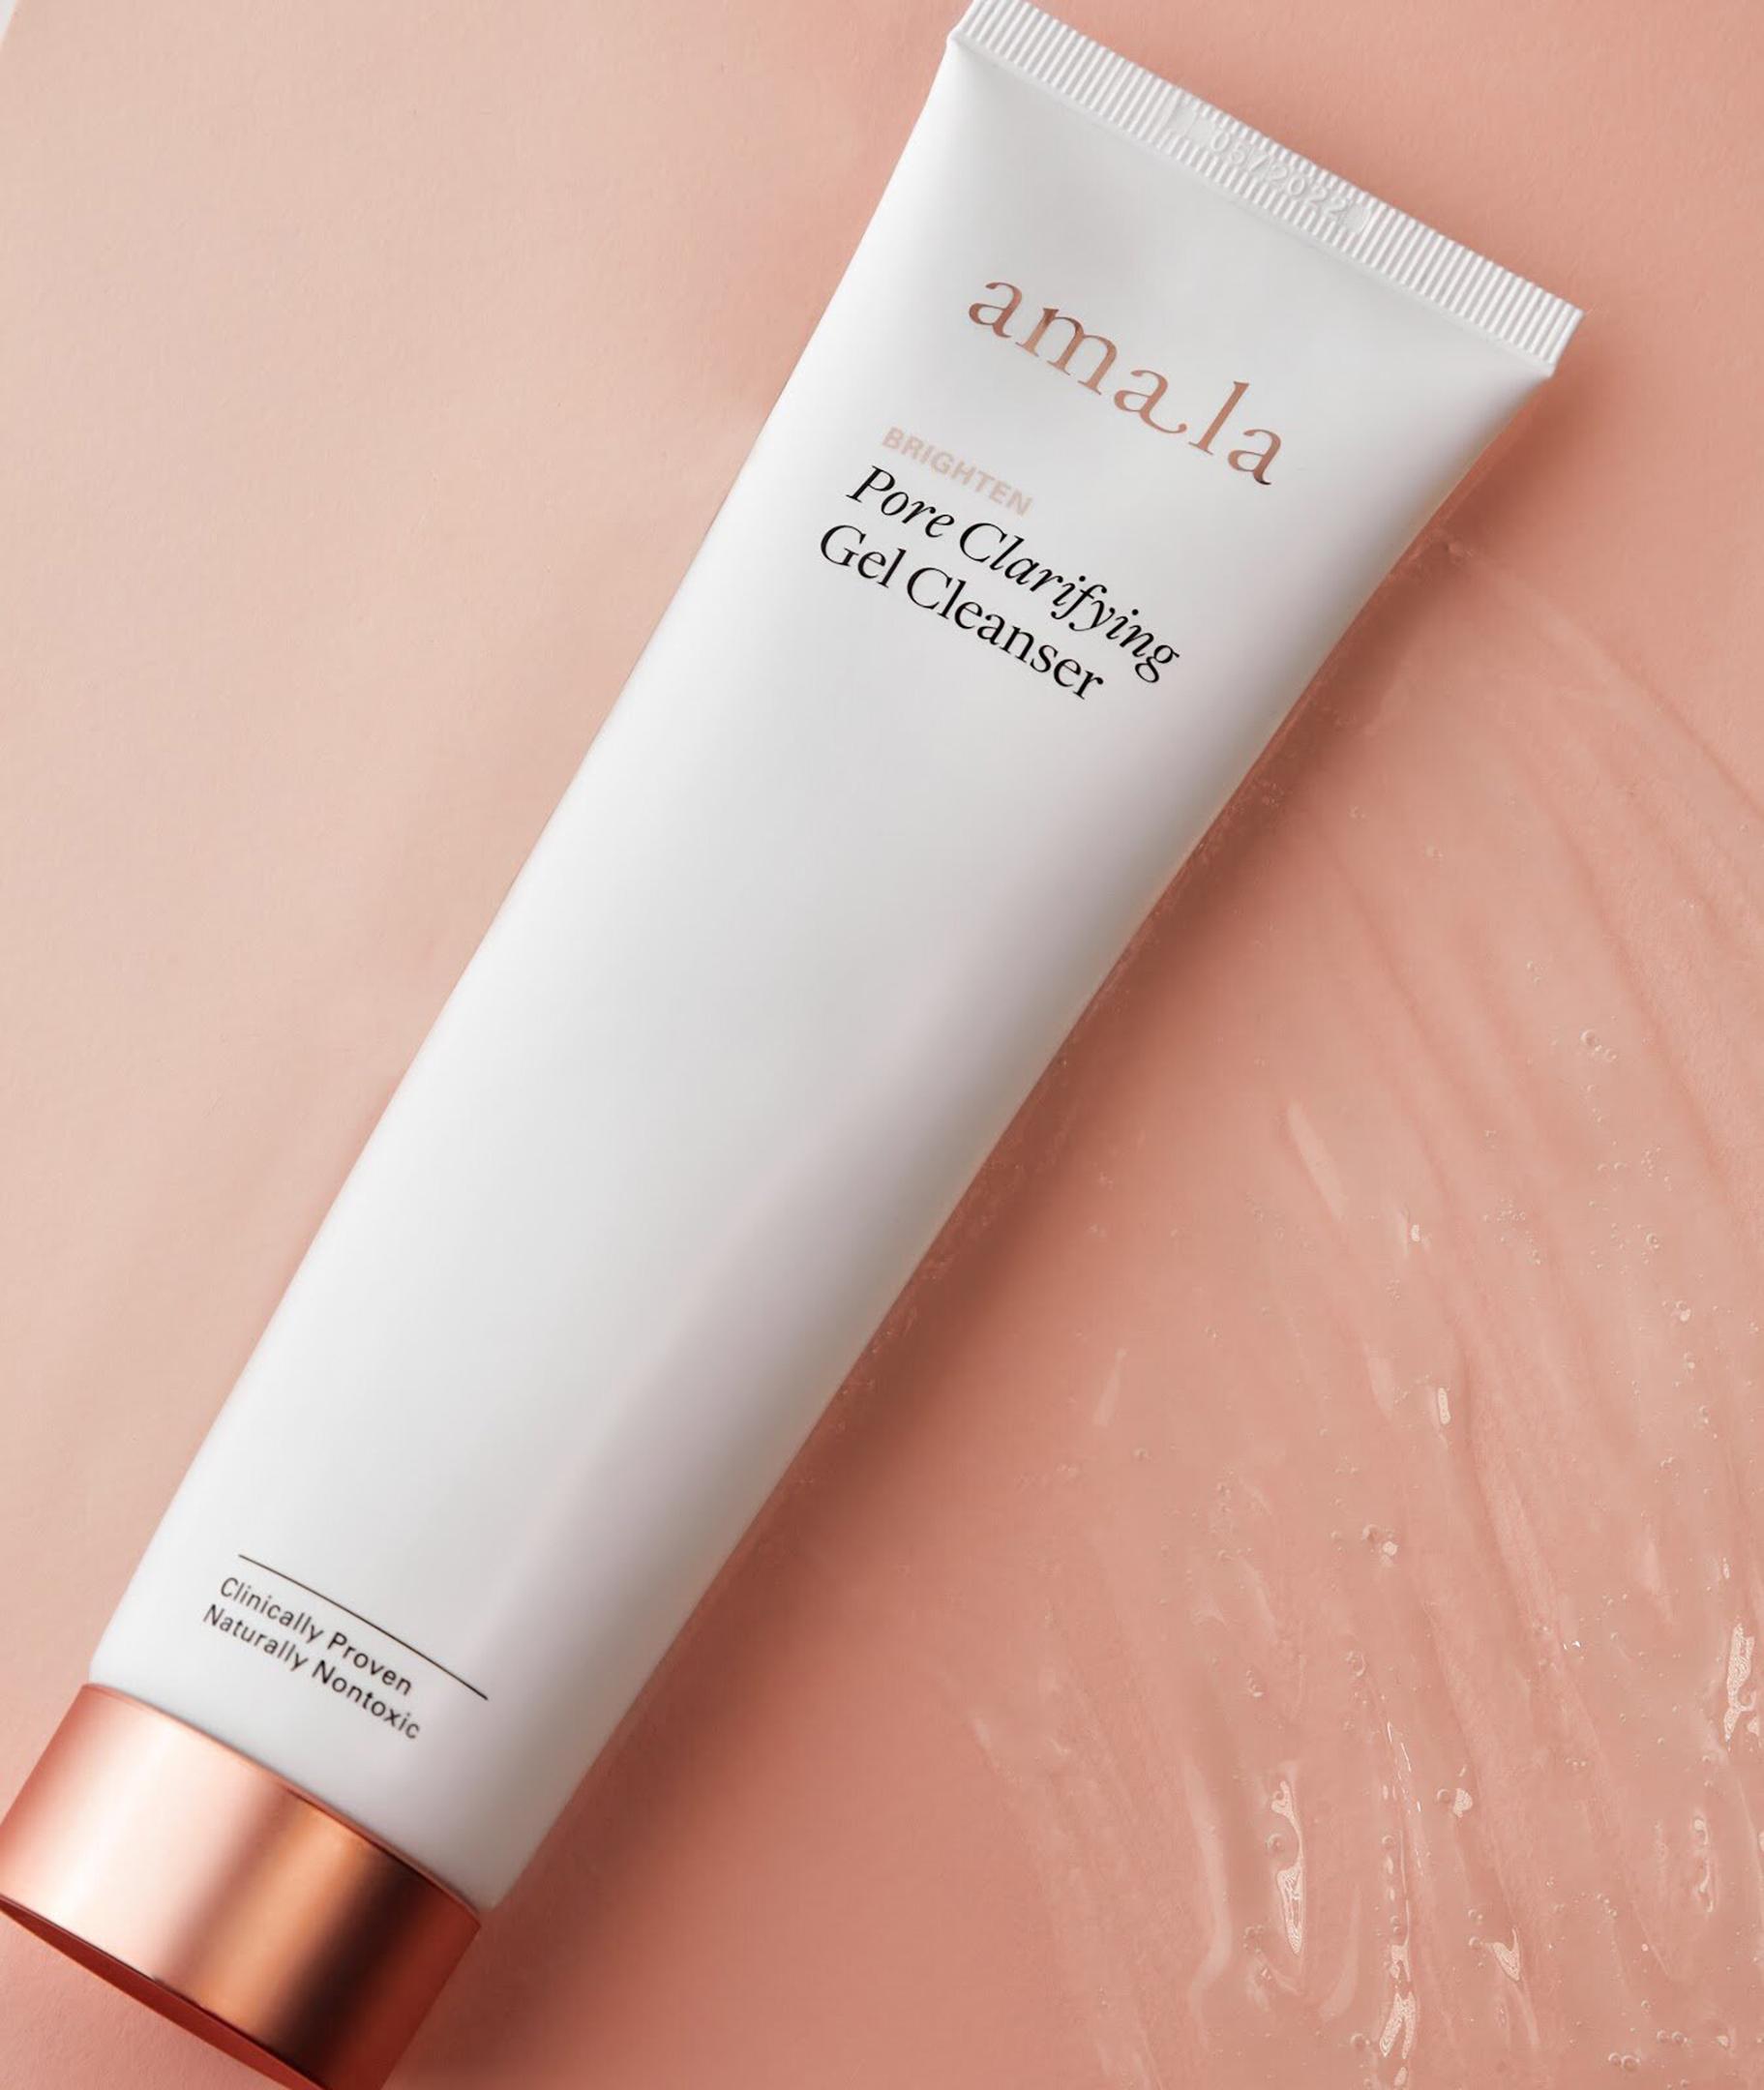 Pore clarifying gel cleanser, amala